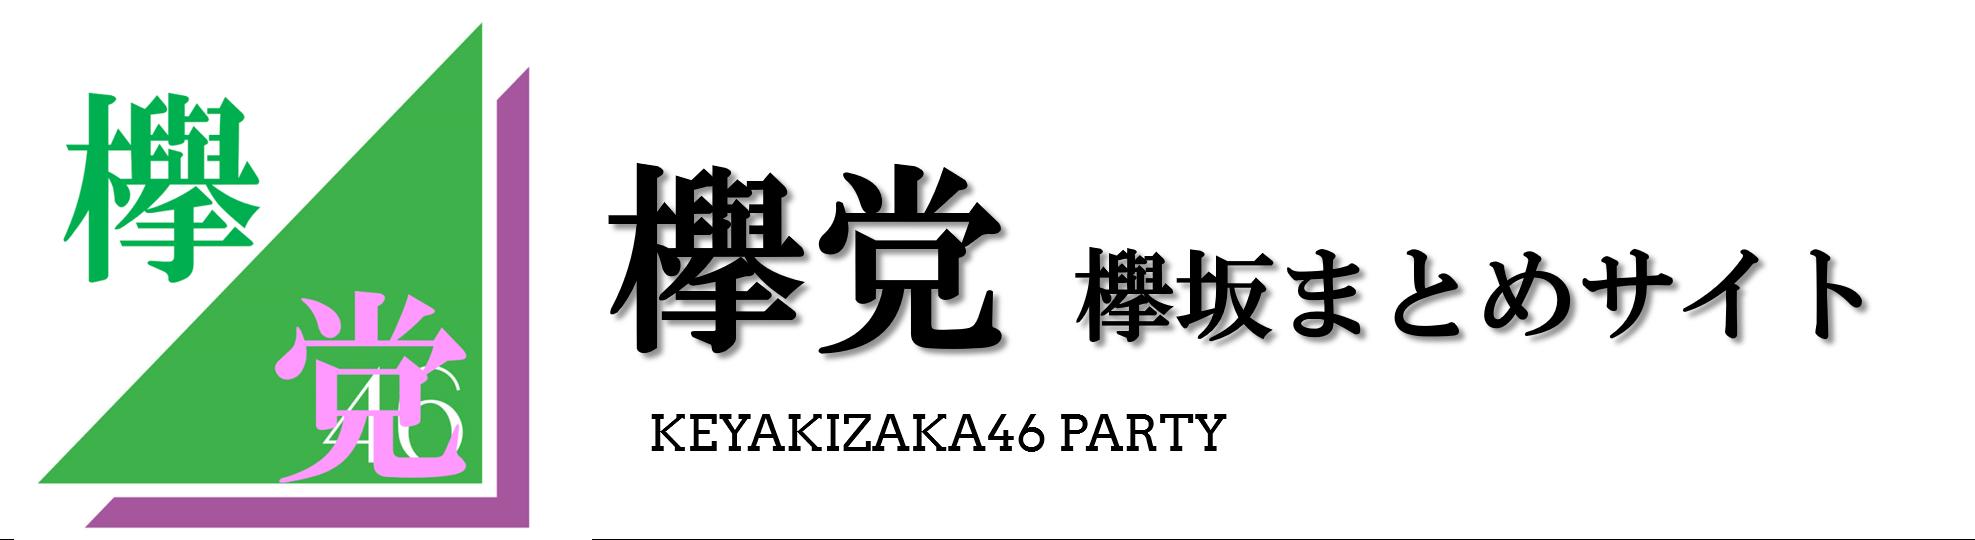 まとめ 欅 坂